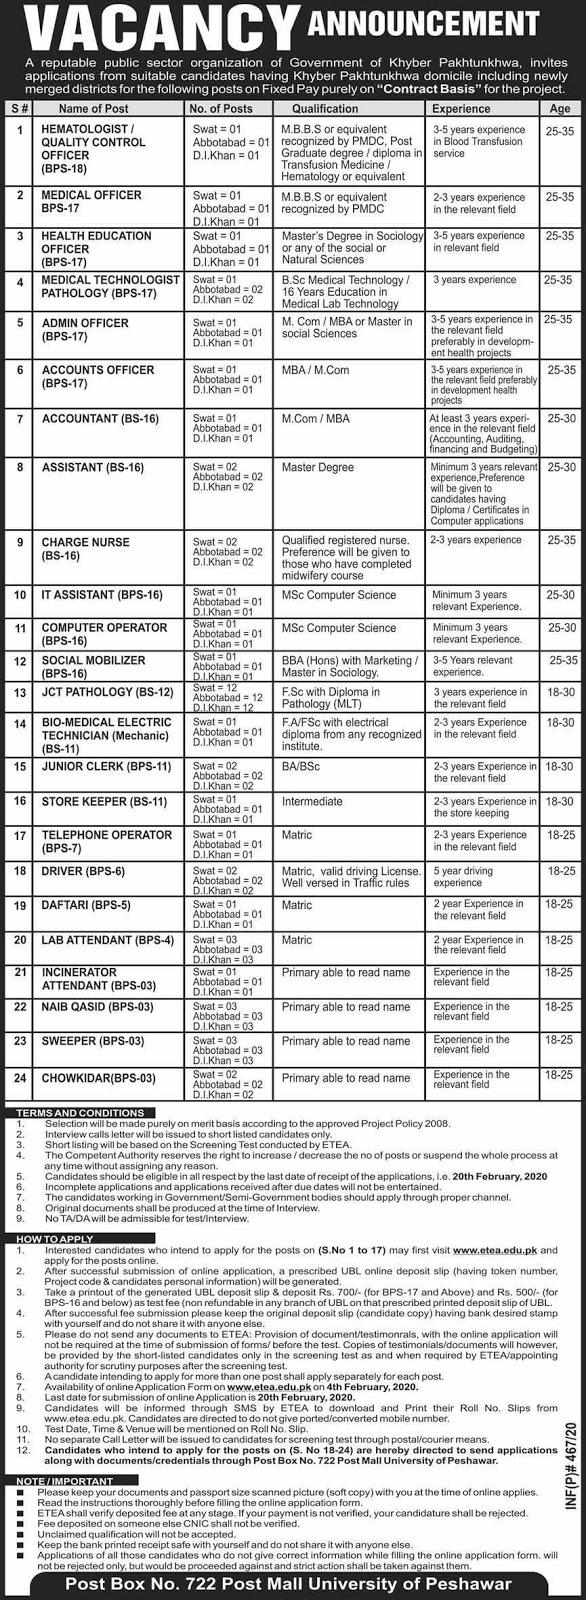 Public Sector Organization Jobs Feb 2020